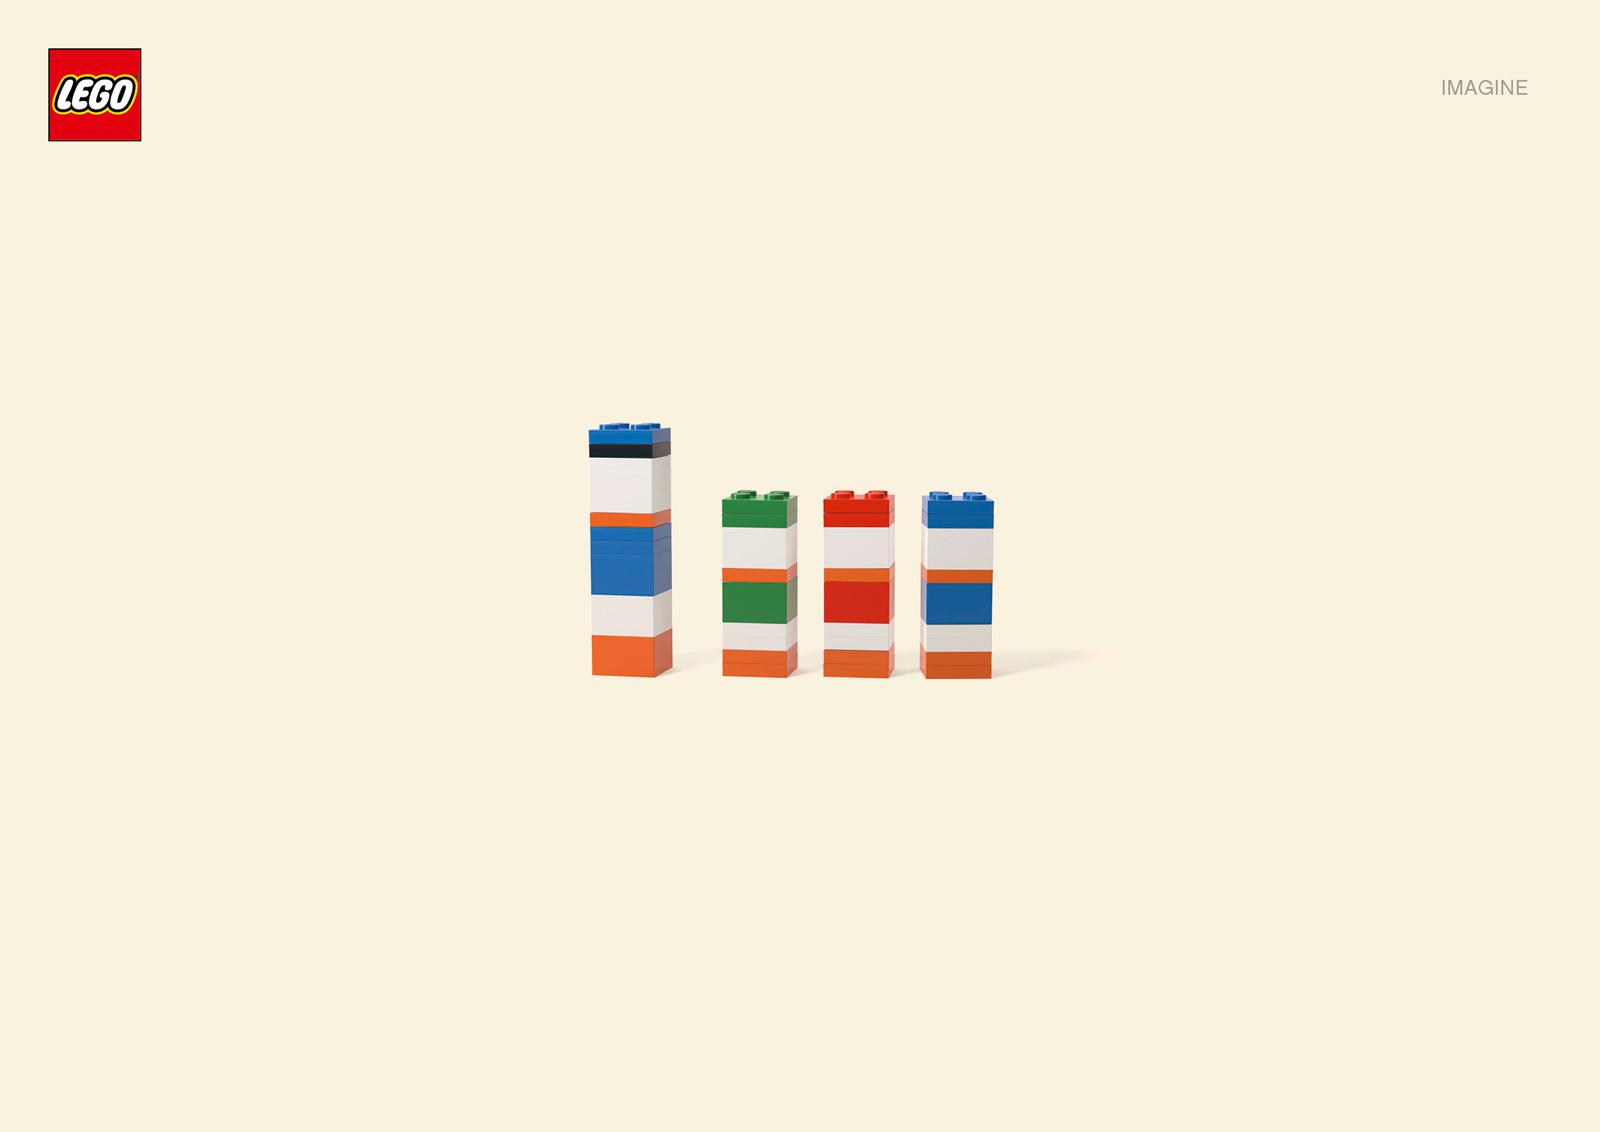 lego personnage imagine 08 Imaginez des personnages avec Lego